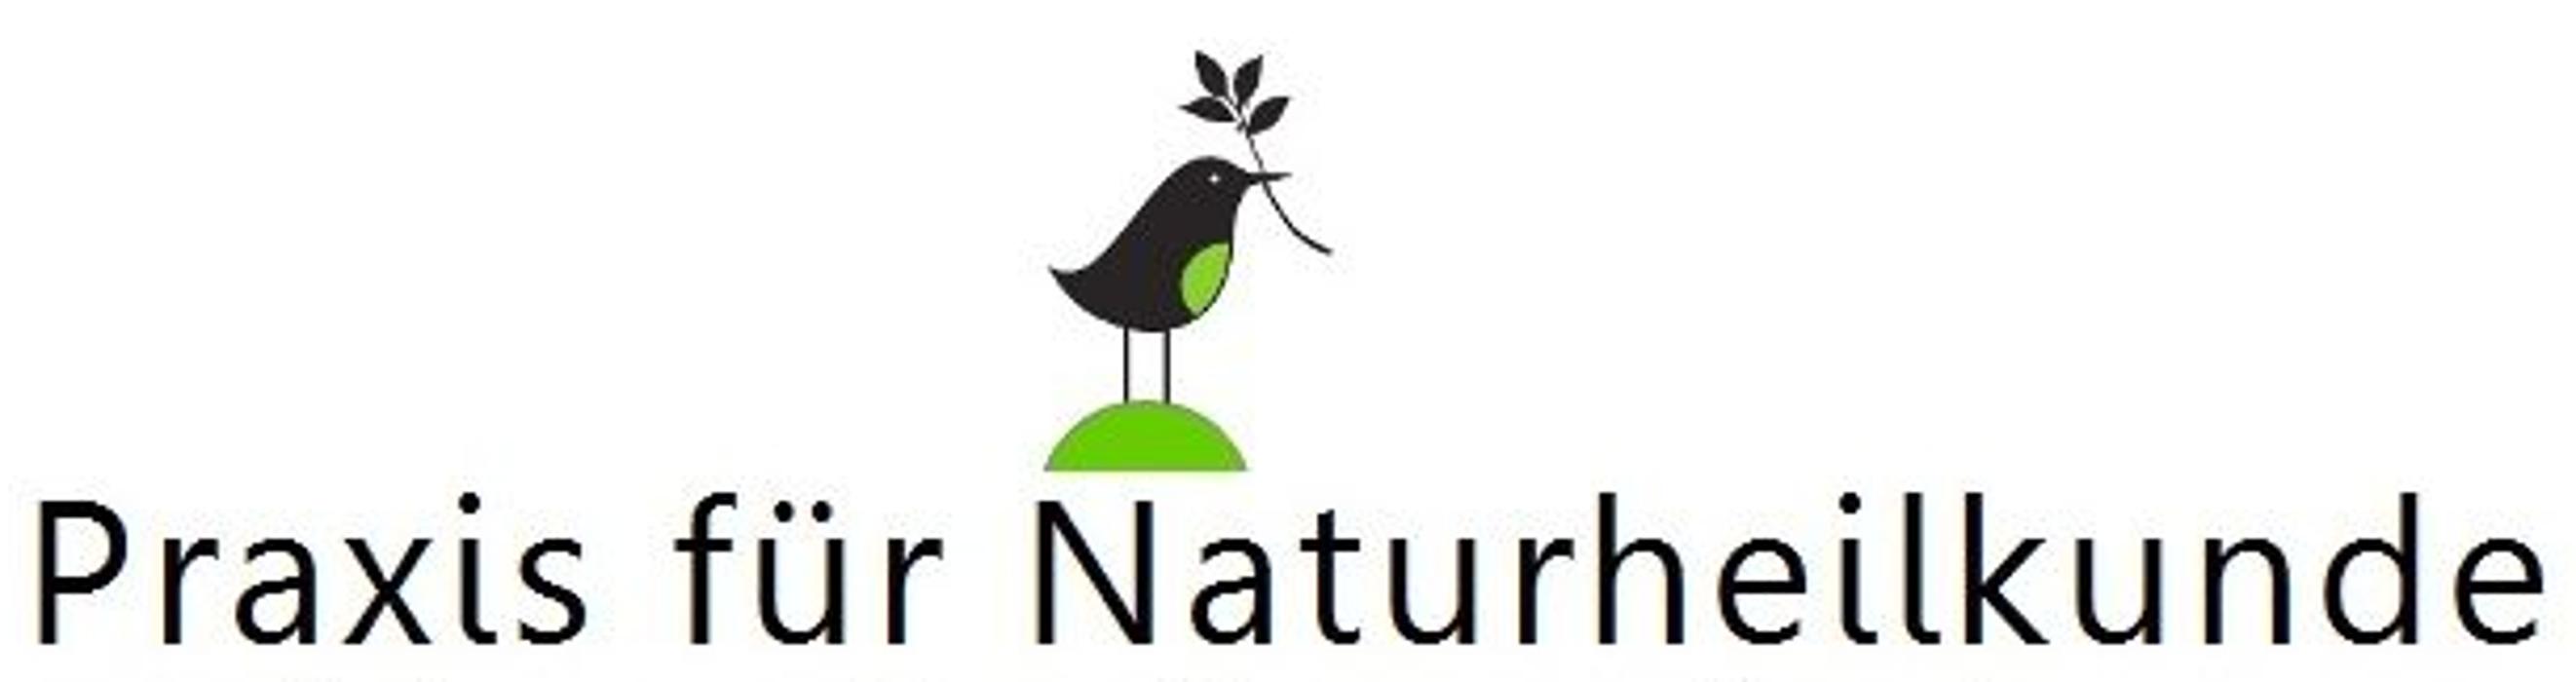 Bild zu Praxis für Naturheilkunde Marie-Christine von Fürstenberg in Warendorf